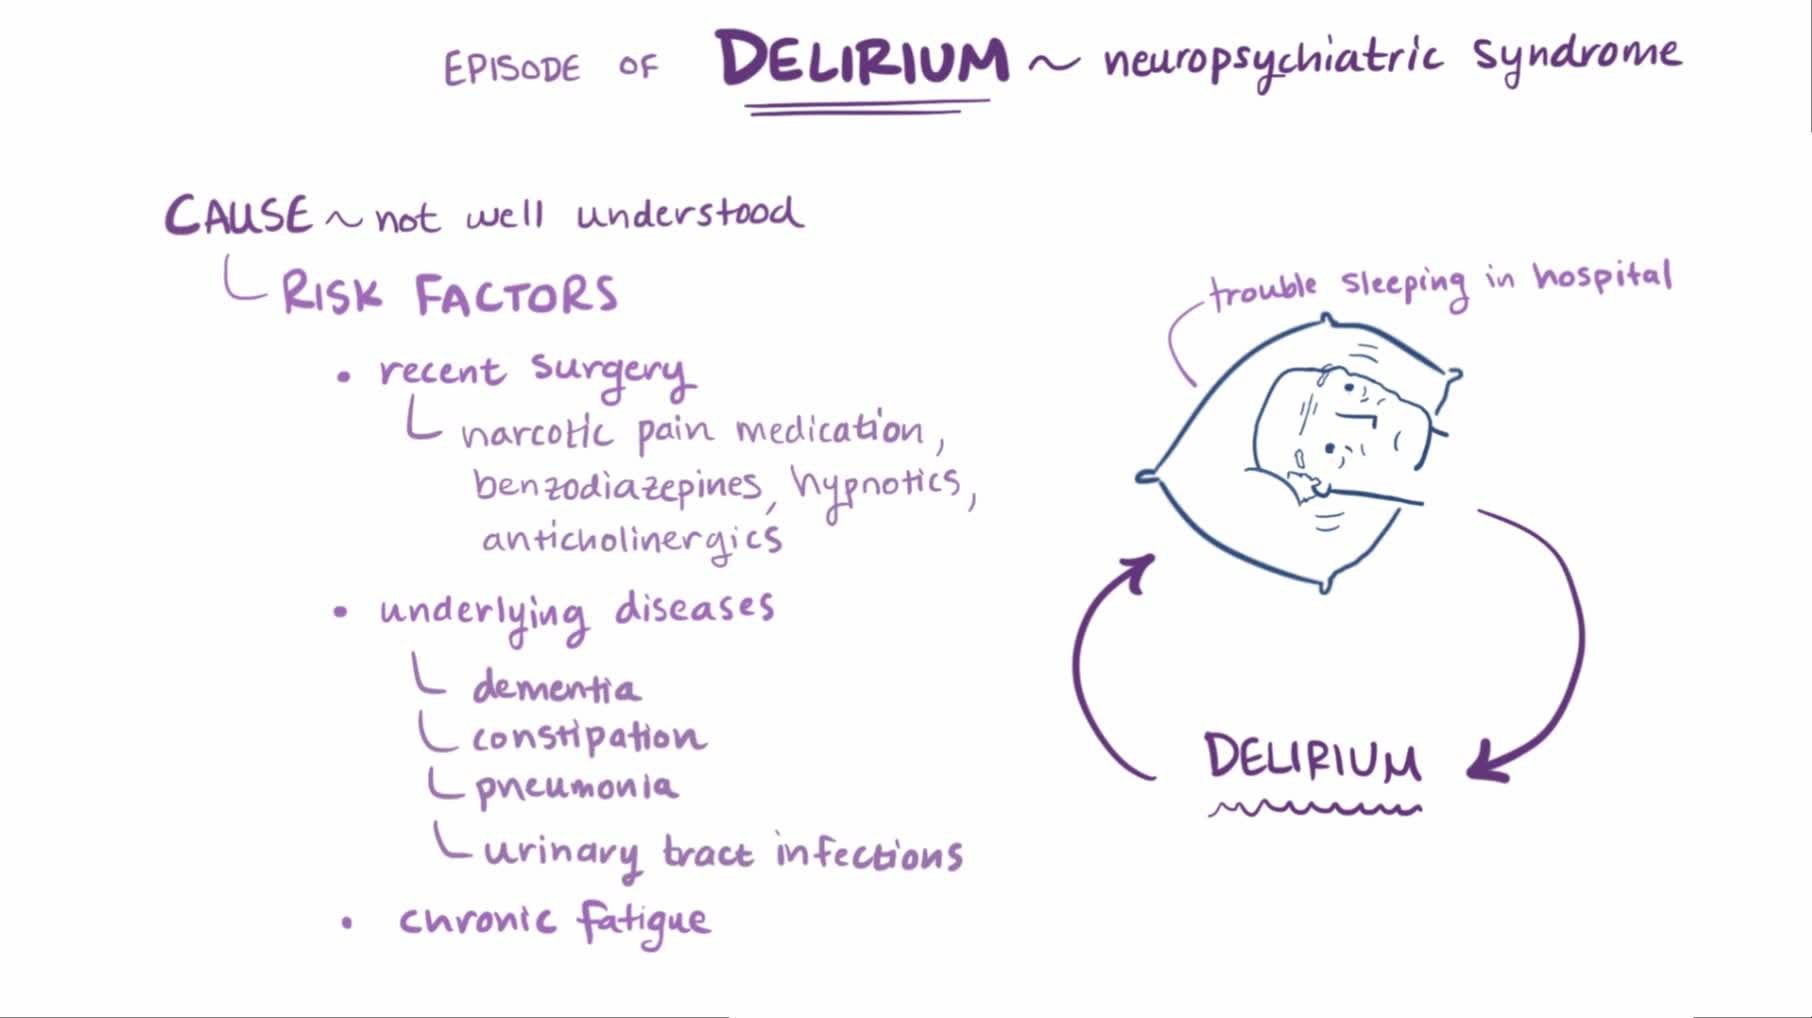 Delirium - Wikipedia